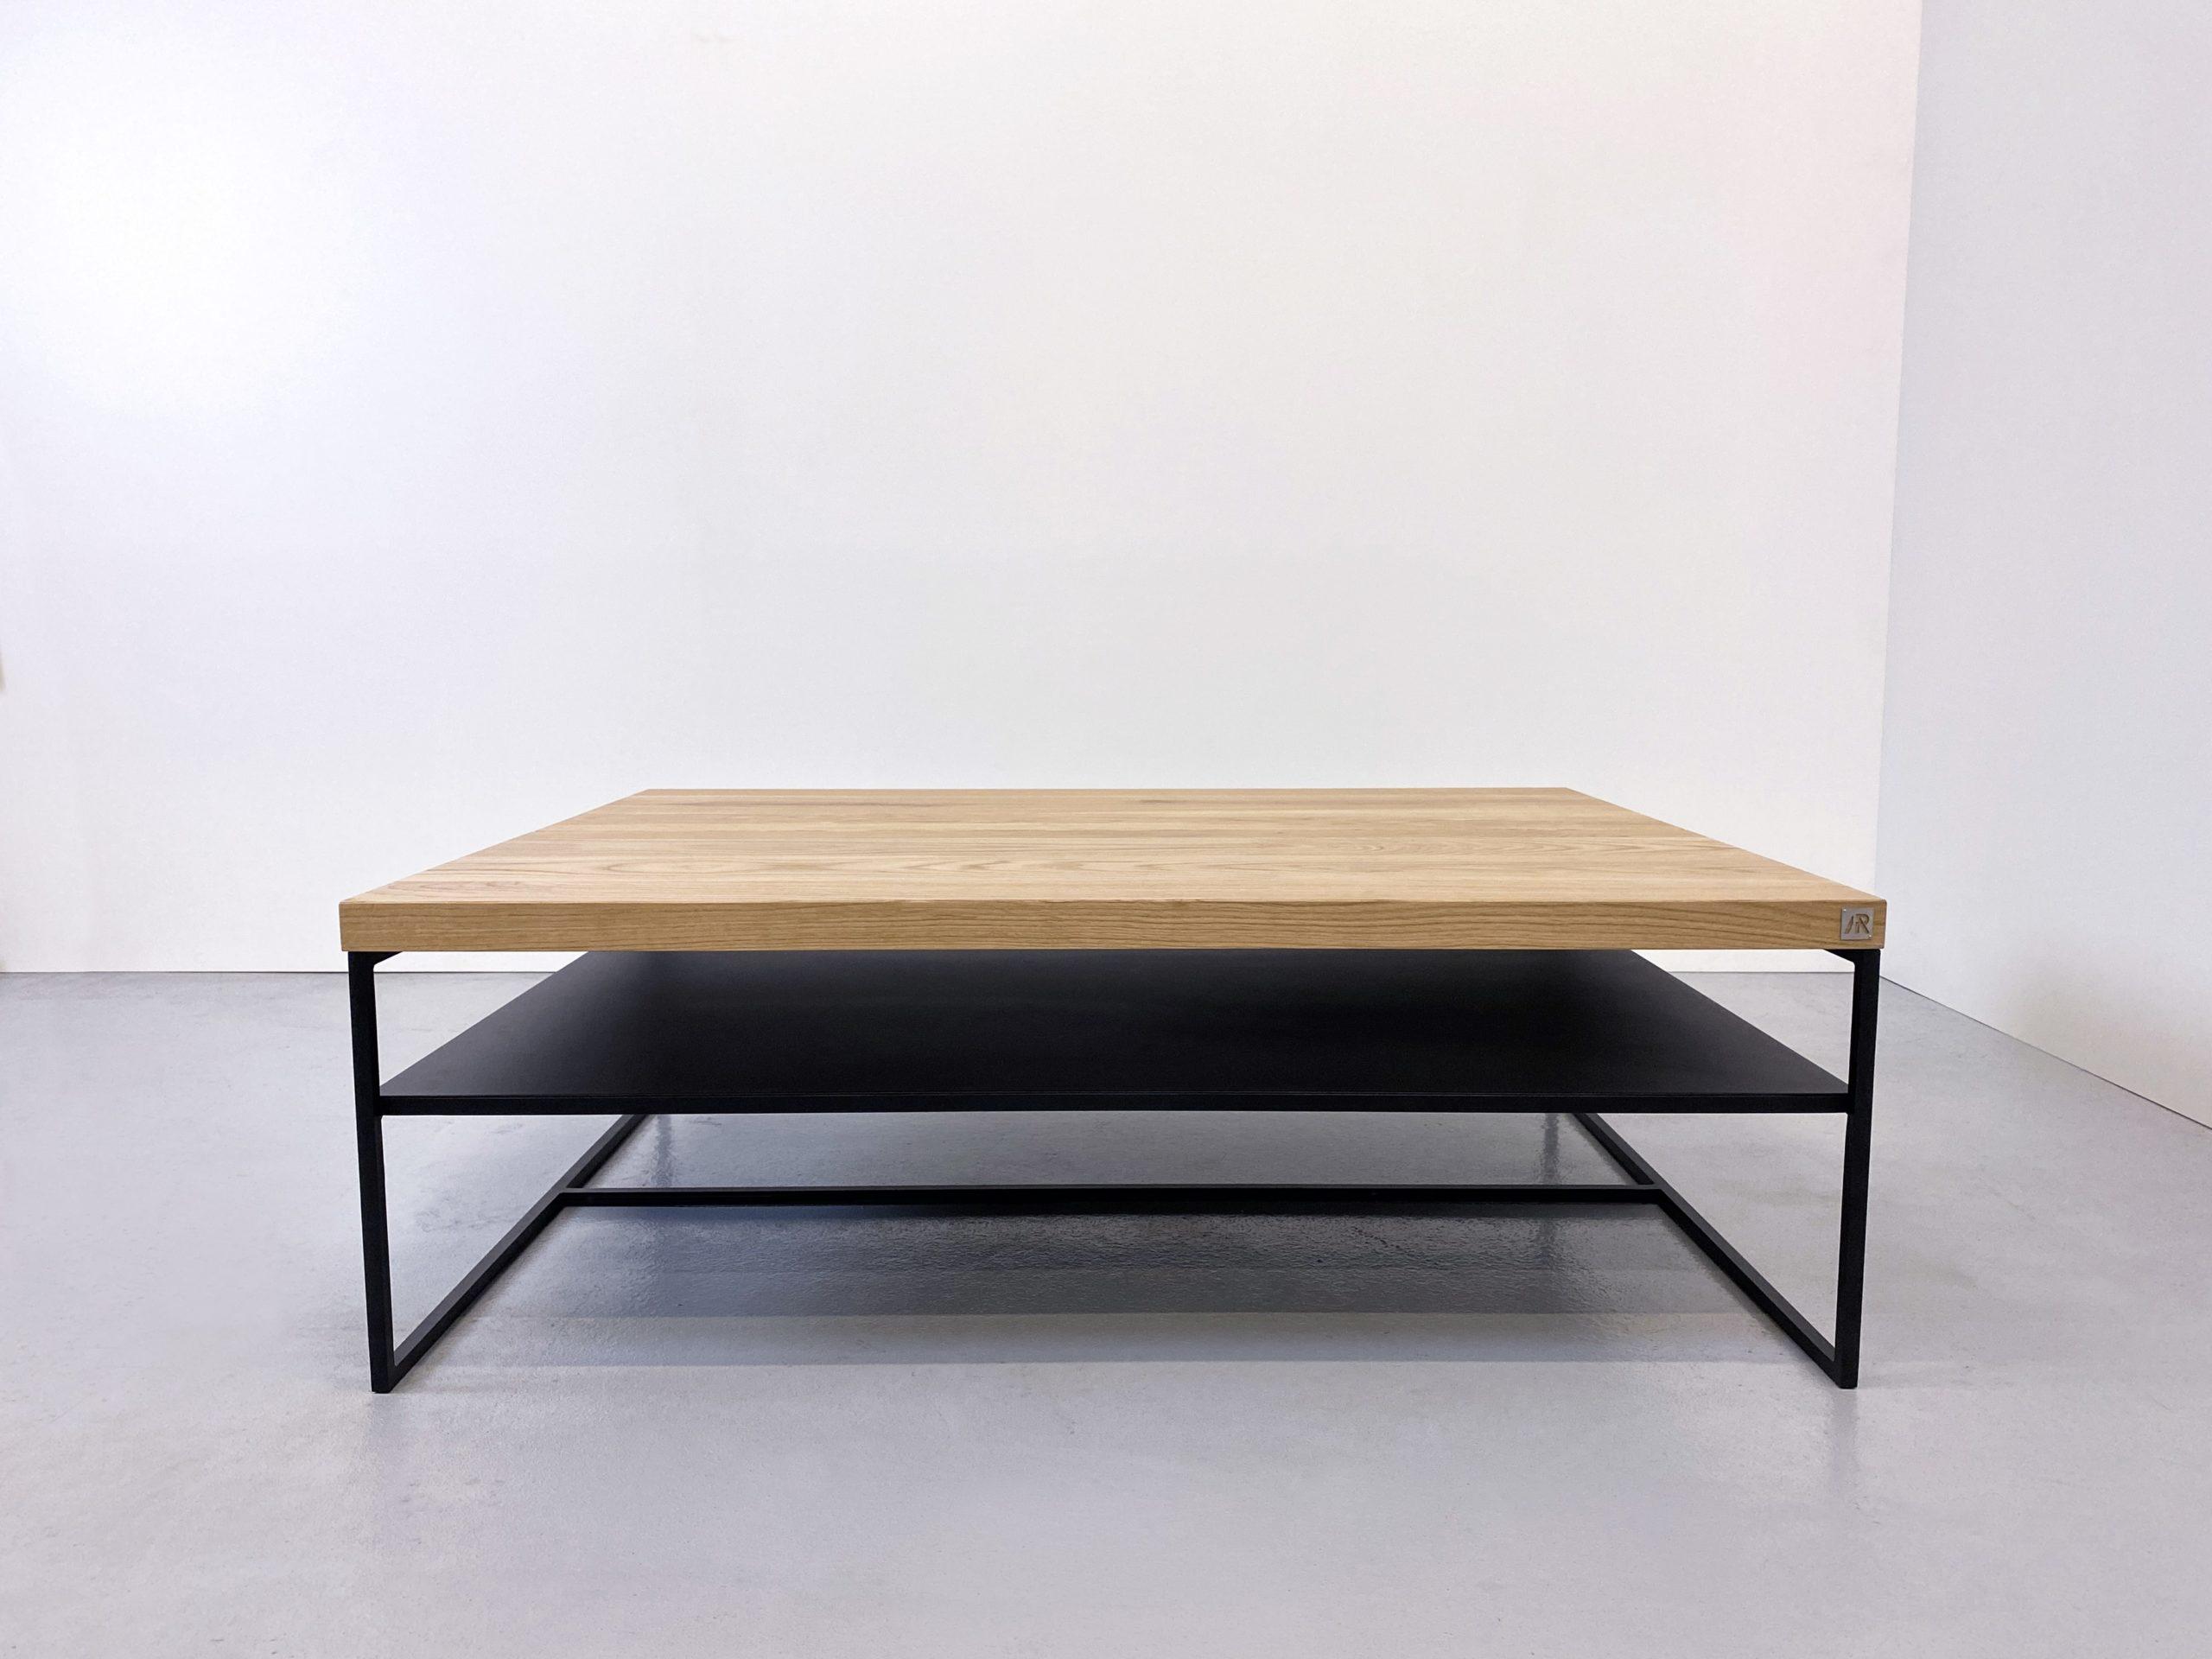 Table basse Aiguille double plateau en acier et bois massif / fabrication sur mesure ARTMETA